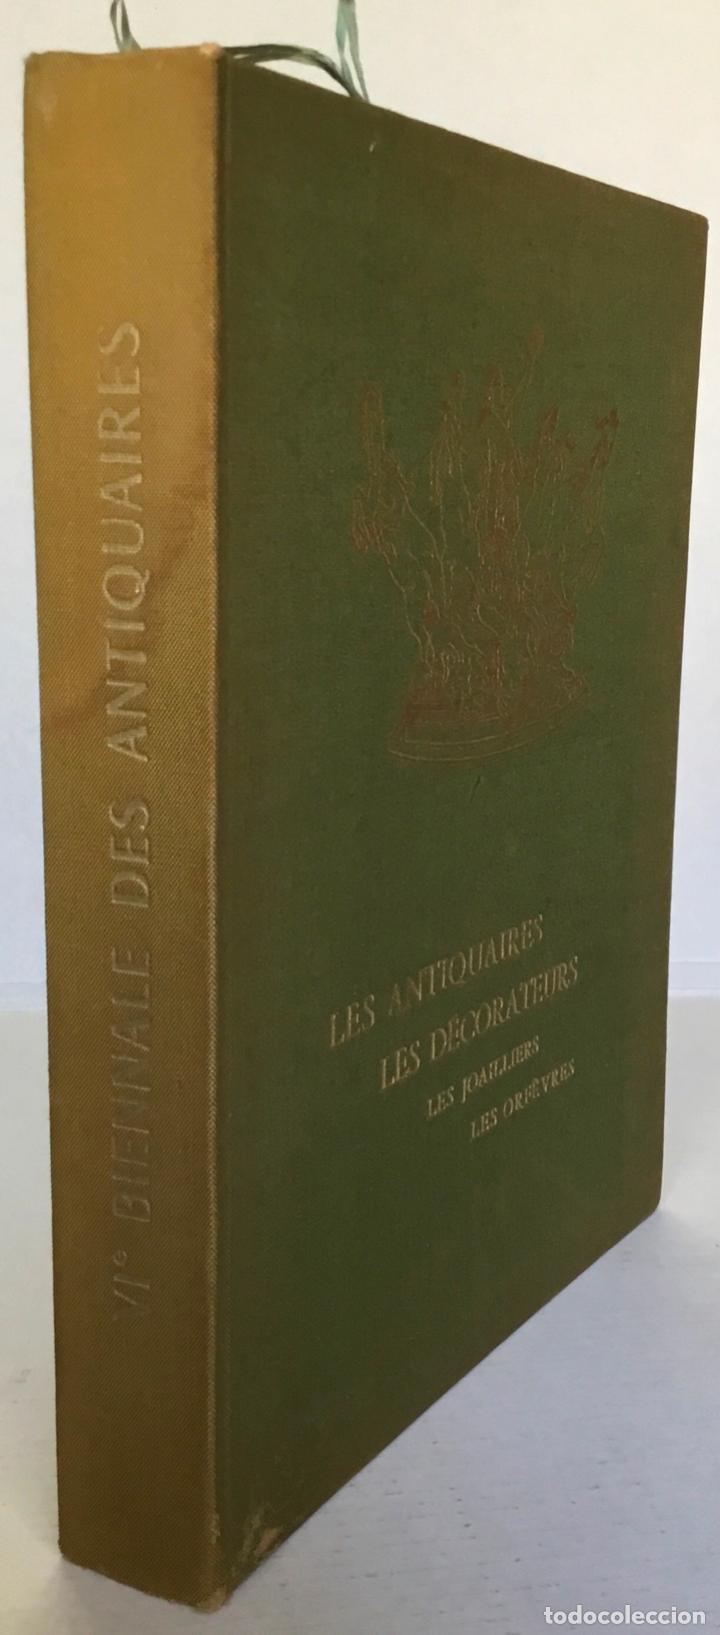 Libros de segunda mano: LES ANTIQUAIRES, LES DÉCORATEURS, LES JOAILLIERS, LES ORFÈVRES. Grand Palais. Paris 22 septembre... - Foto 9 - 260812680